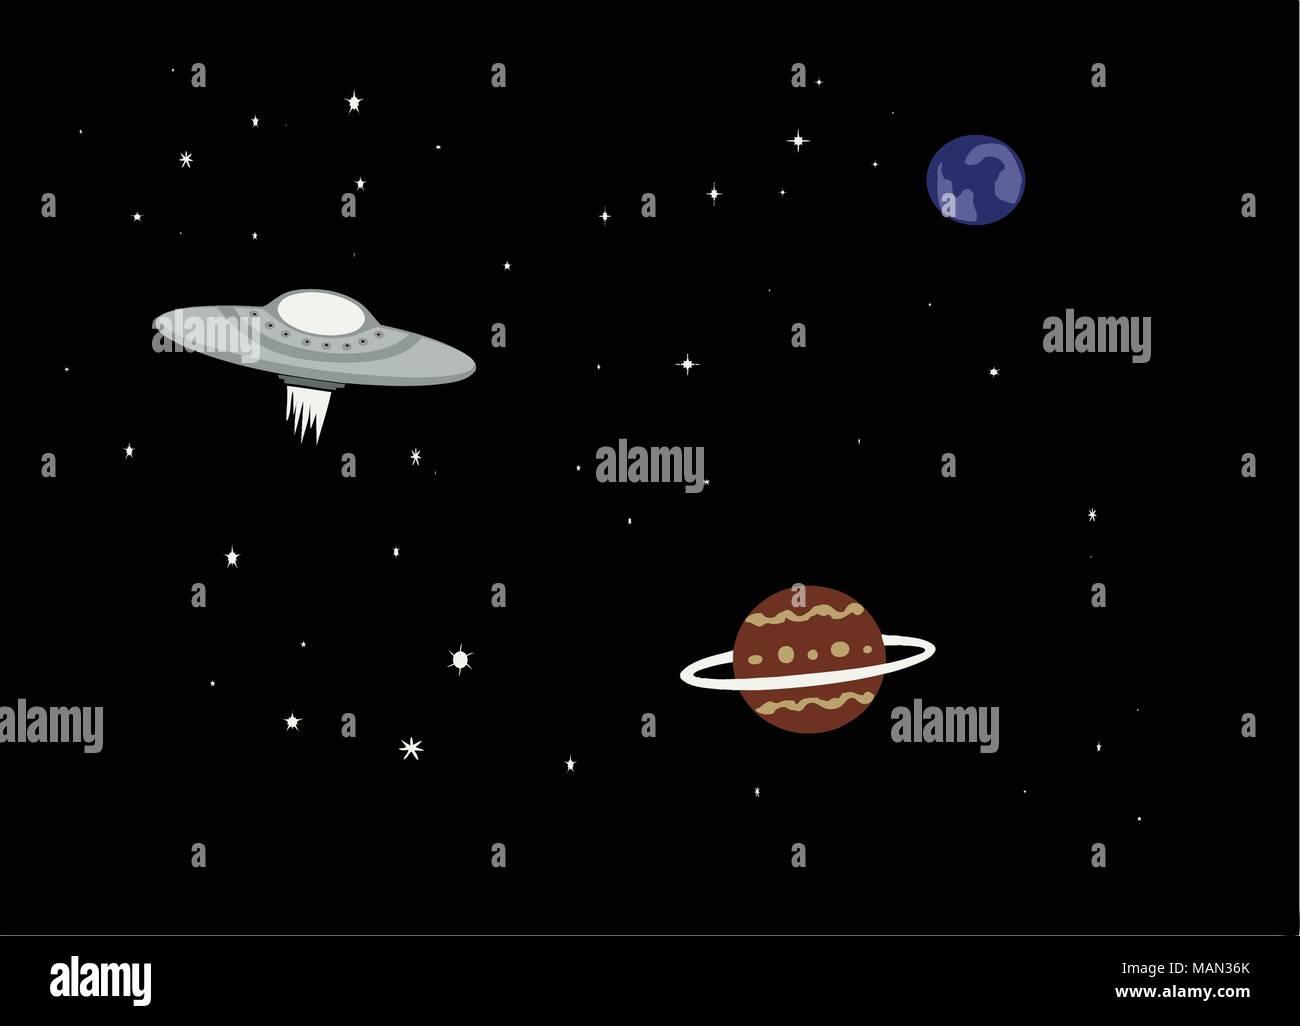 Semplice illustrazione di un ufo astronave nello spazio con i